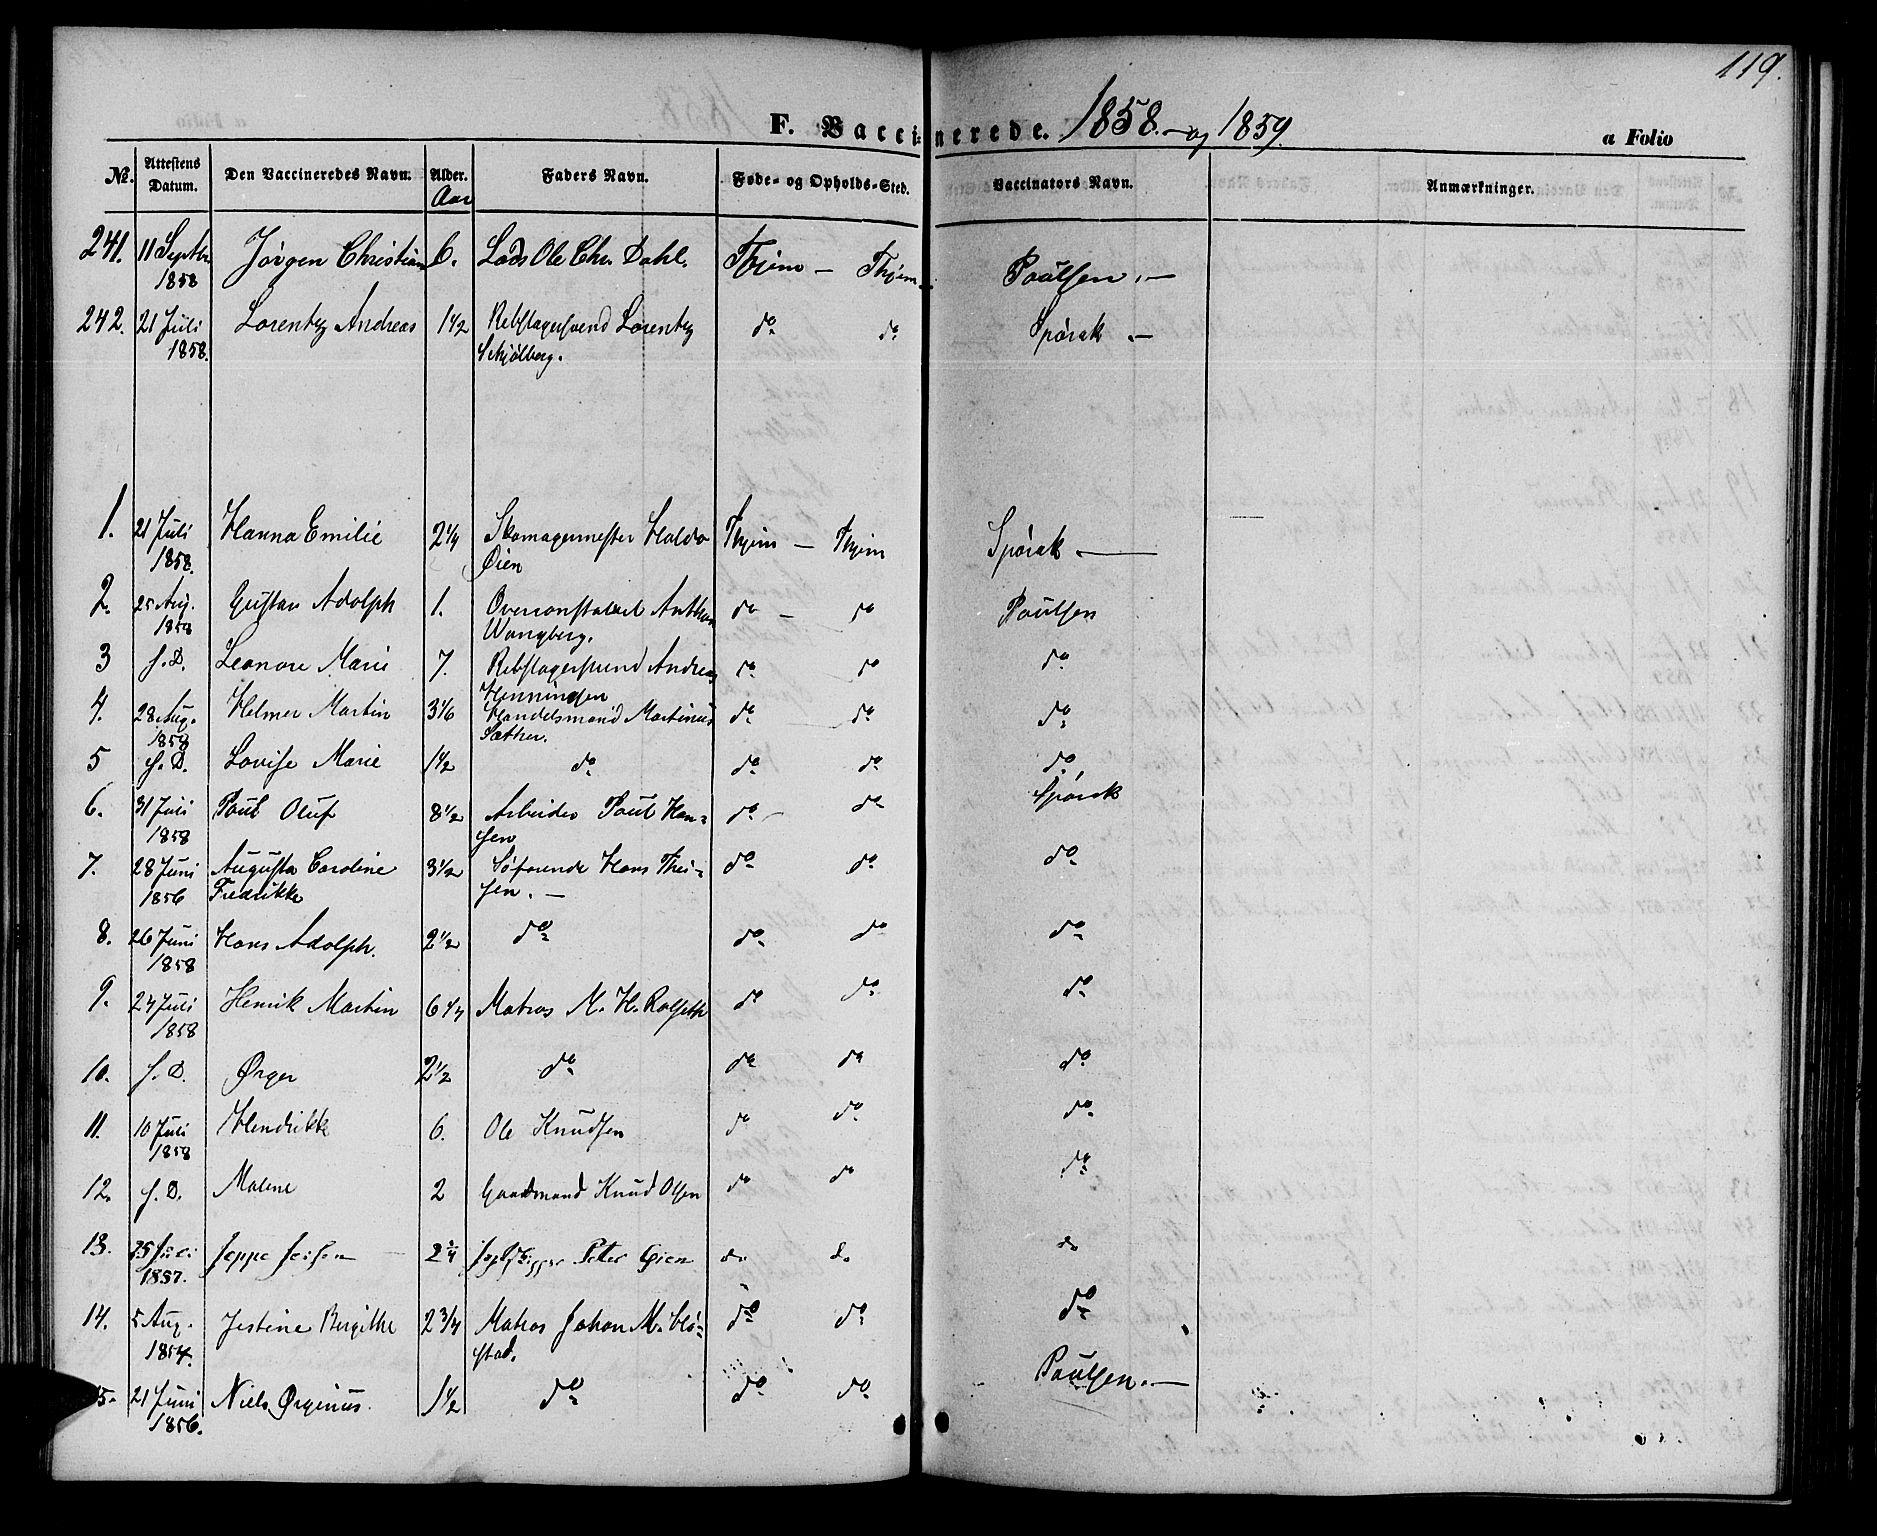 SAT, Ministerialprotokoller, klokkerbøker og fødselsregistre - Sør-Trøndelag, 602/L0113: Ministerialbok nr. 602A11, 1849-1861, s. 119